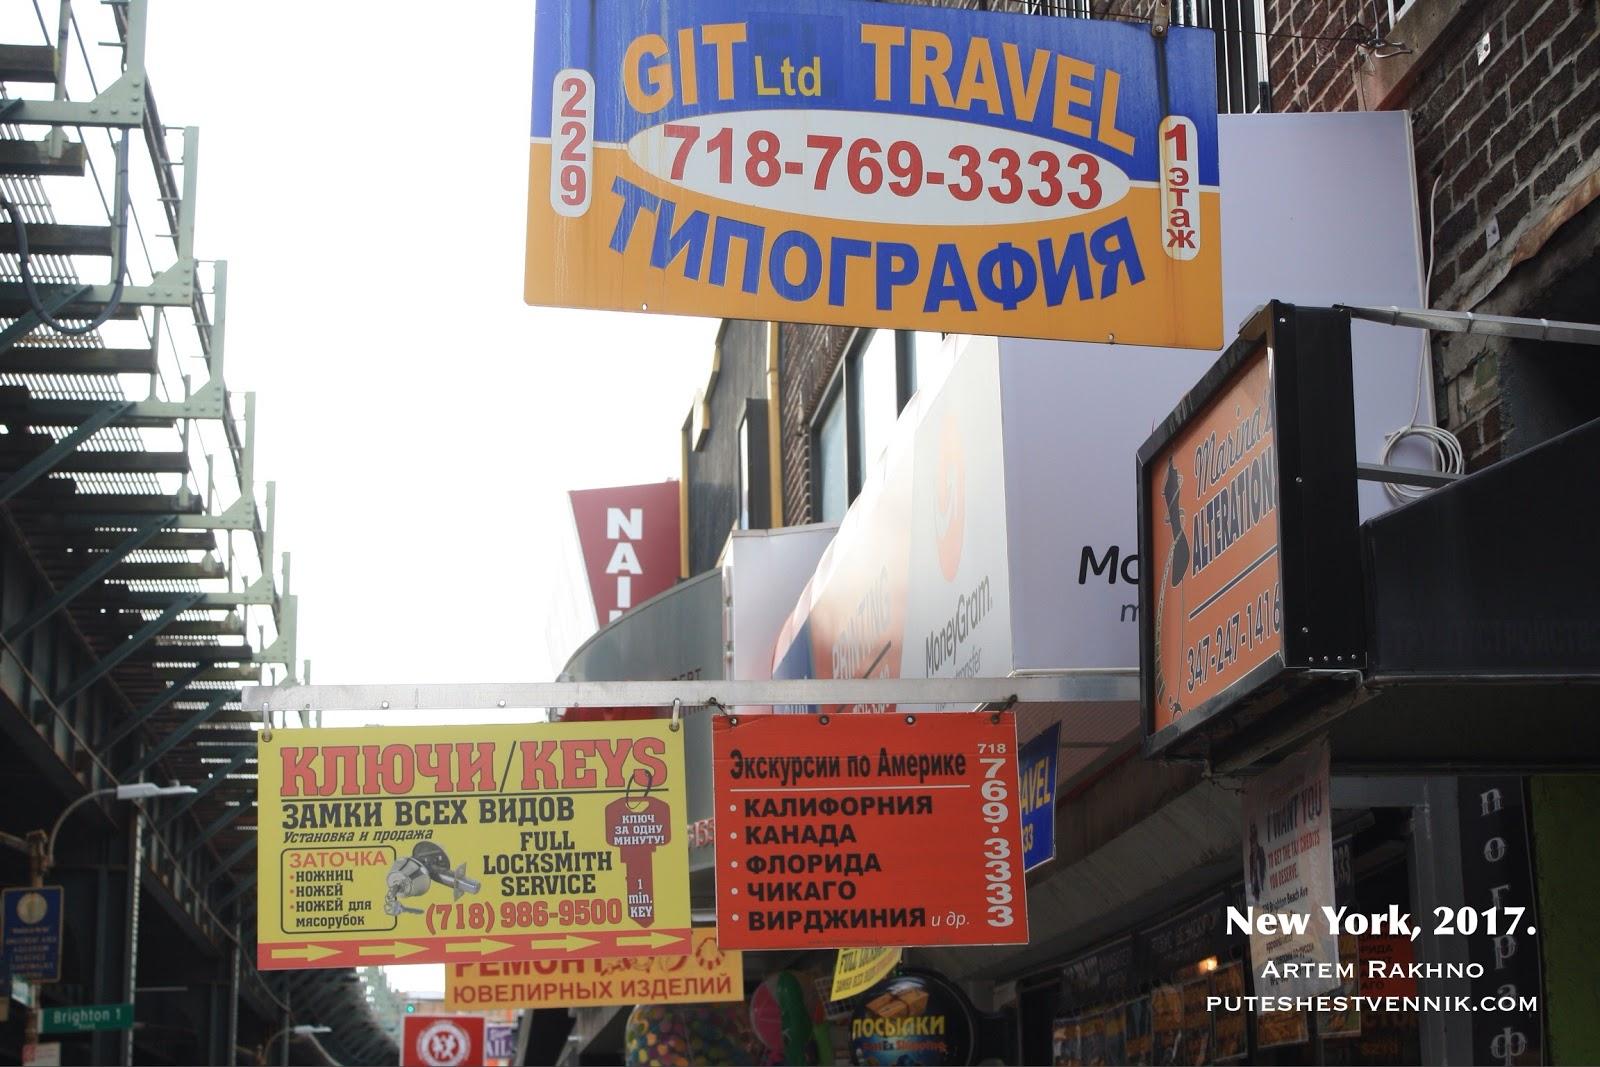 Рекламные вывески на русском языке на Брайтон-Бич